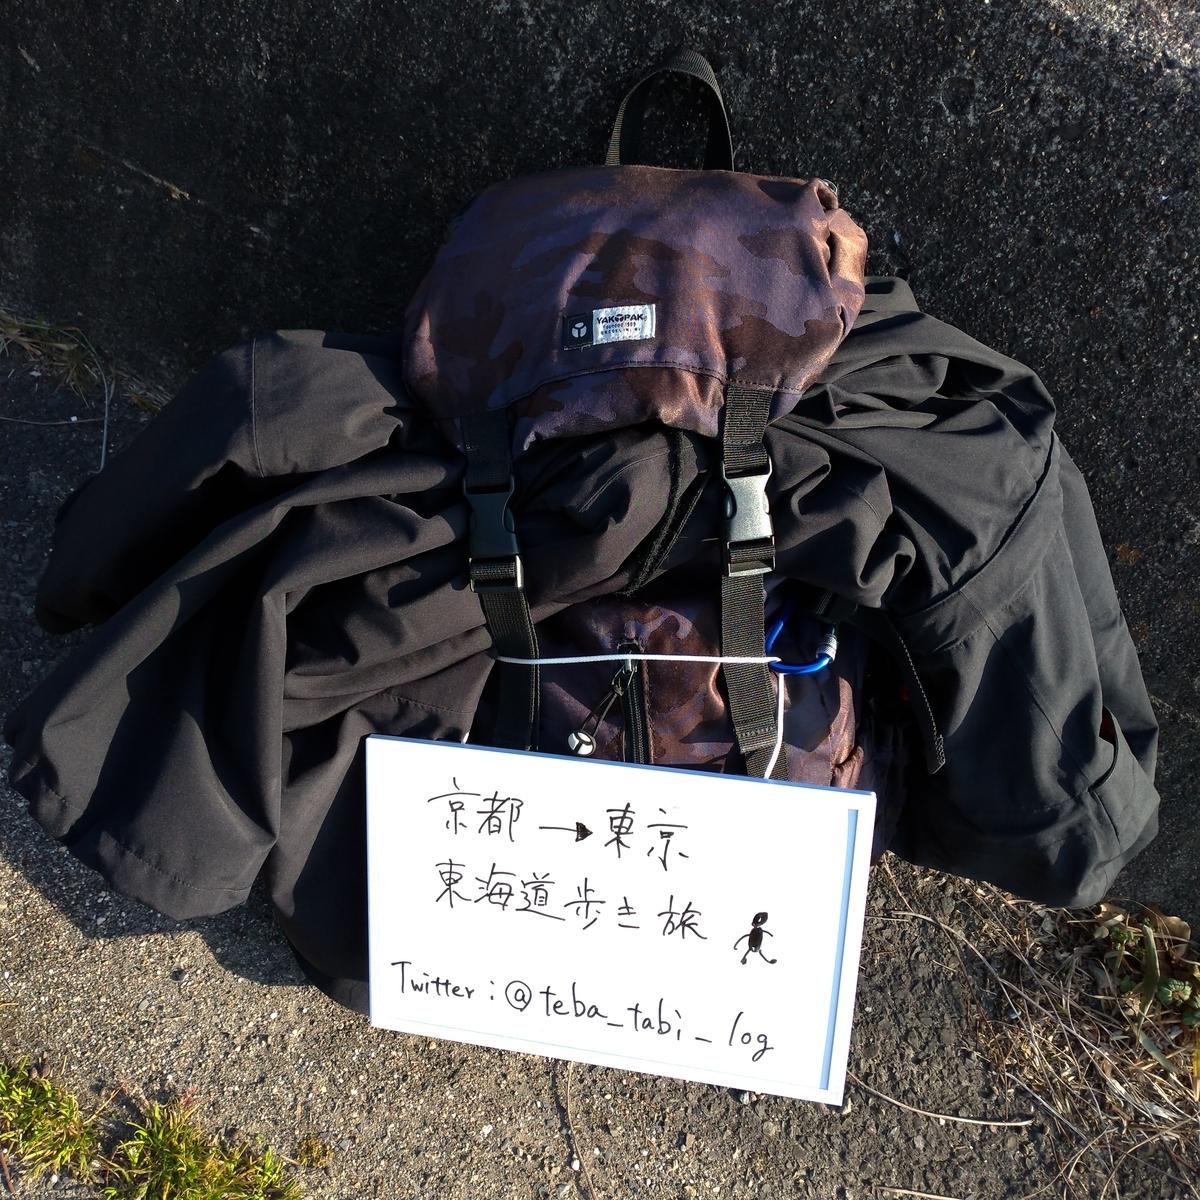 f:id:tebasaki-penguin:20190321185658j:plain